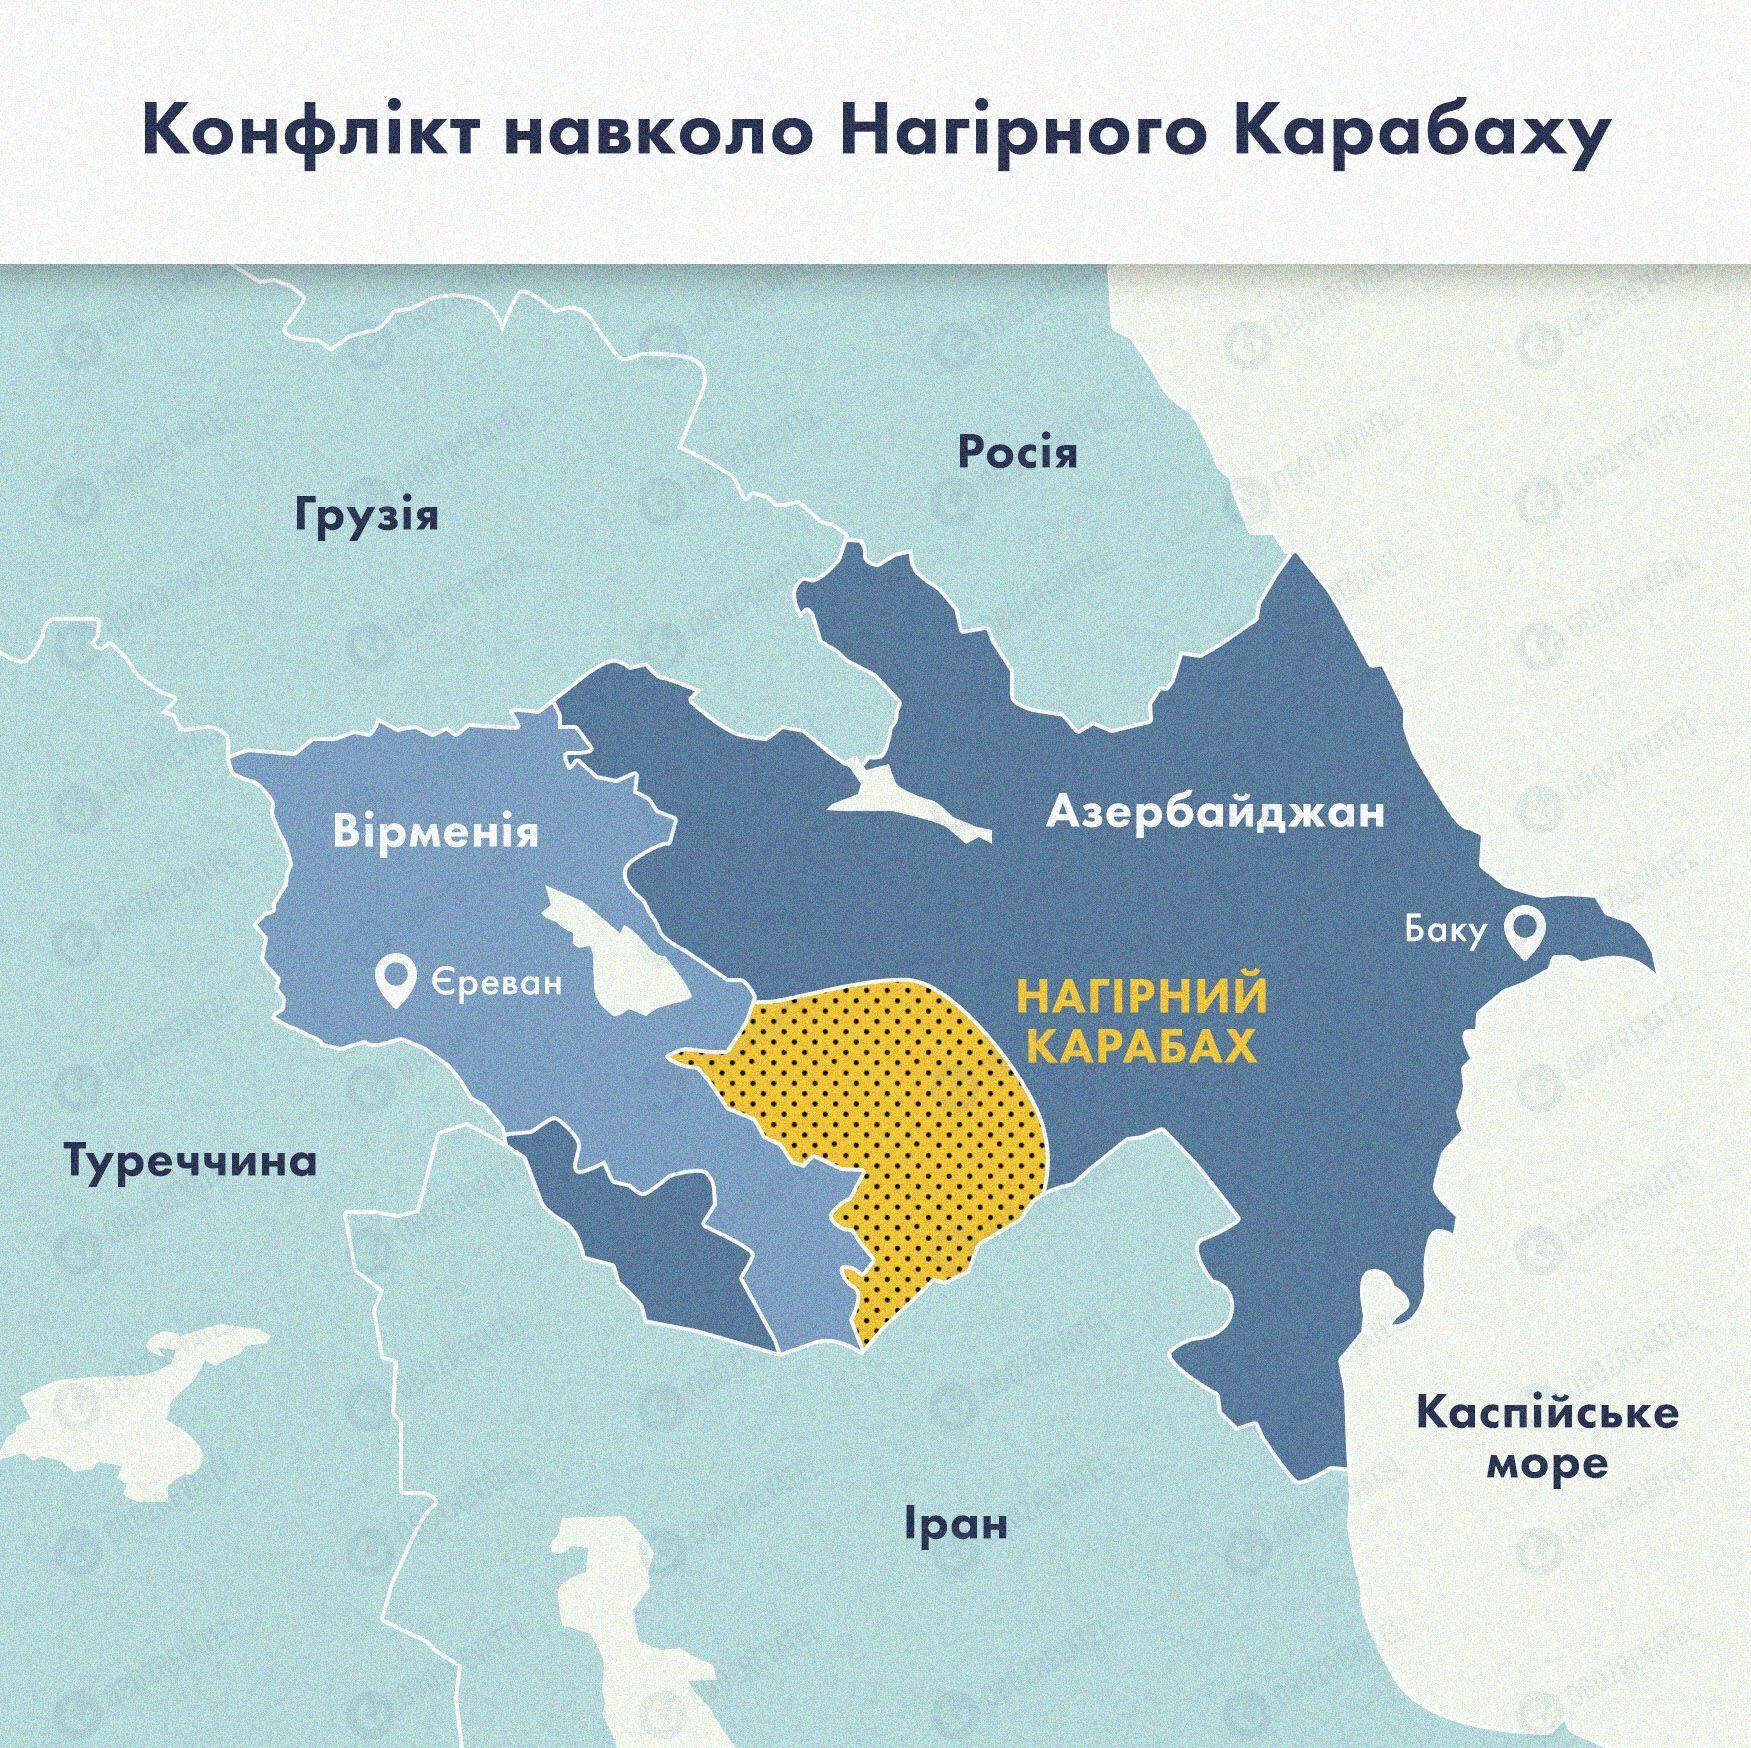 Конфликт в Карабахе.